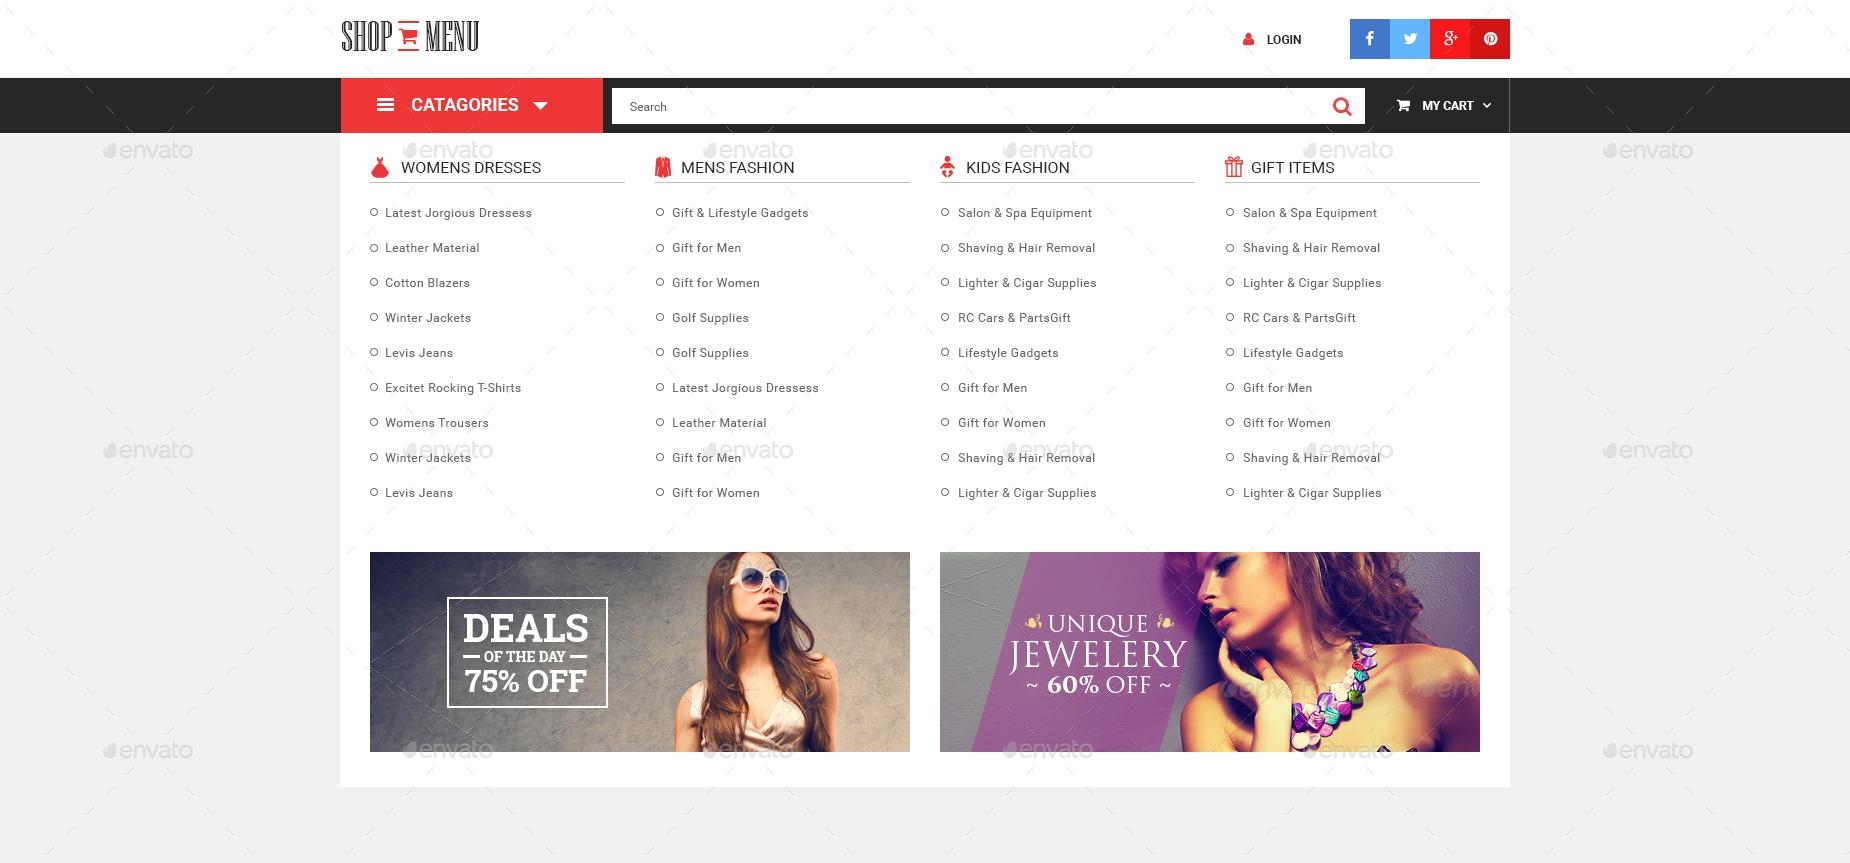 Shop Menu E Commerce Bootstrap Mega Menu Psd Template